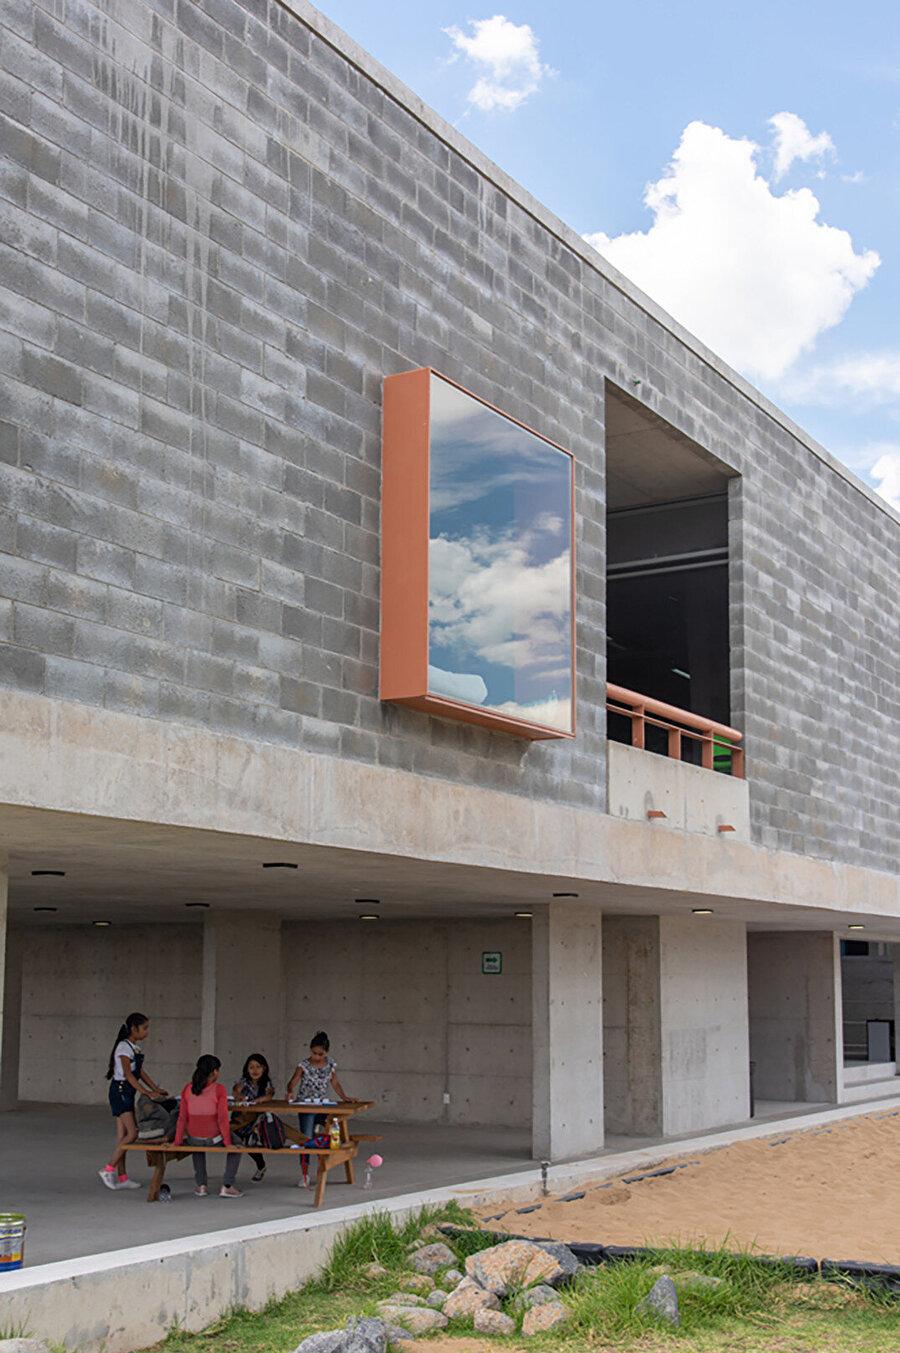 Projede; sanat binası, salonlar ve atölyelerle birlikte yarı açık bir oditoryum tasarlanıyor.